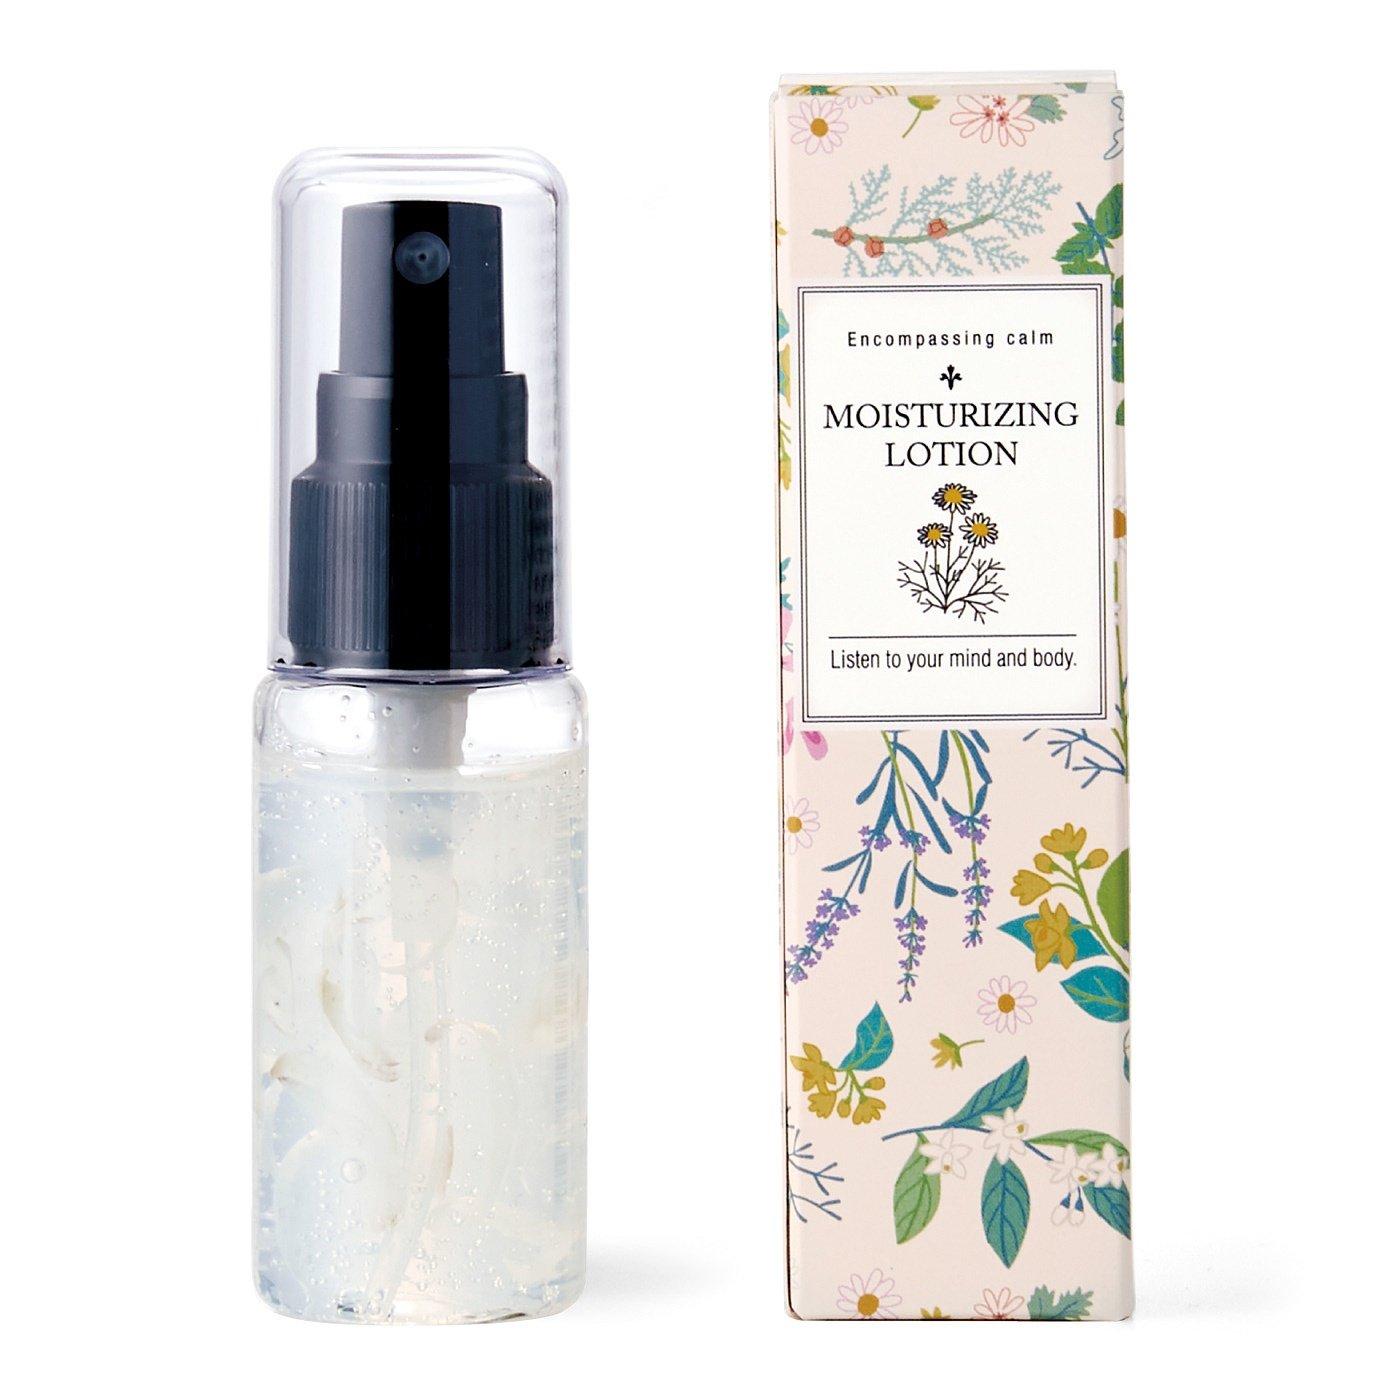 ゆらぐ心に花を ハーブの香りに包まれて 心うるおう花化粧水